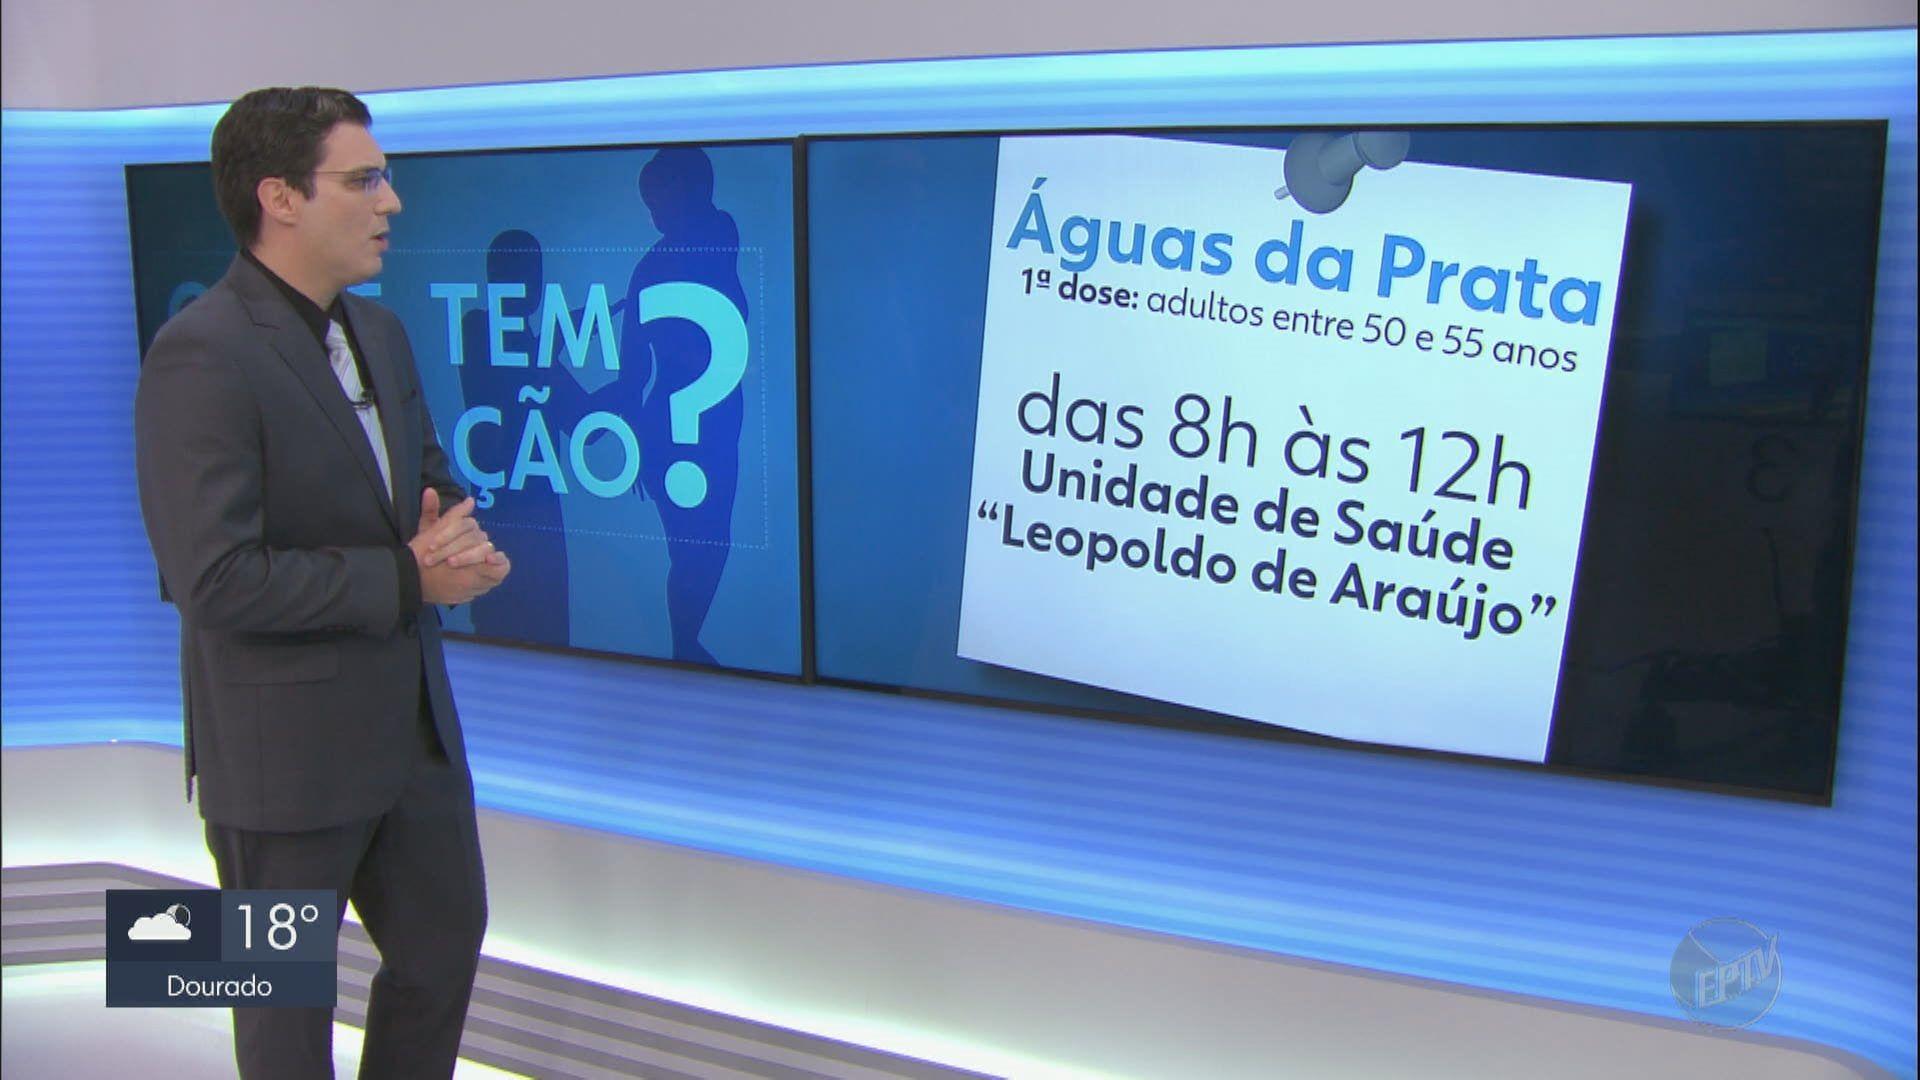 VÍDEOS: Reveja as reportagens do EPTV2 desta quarta, 16 de junho